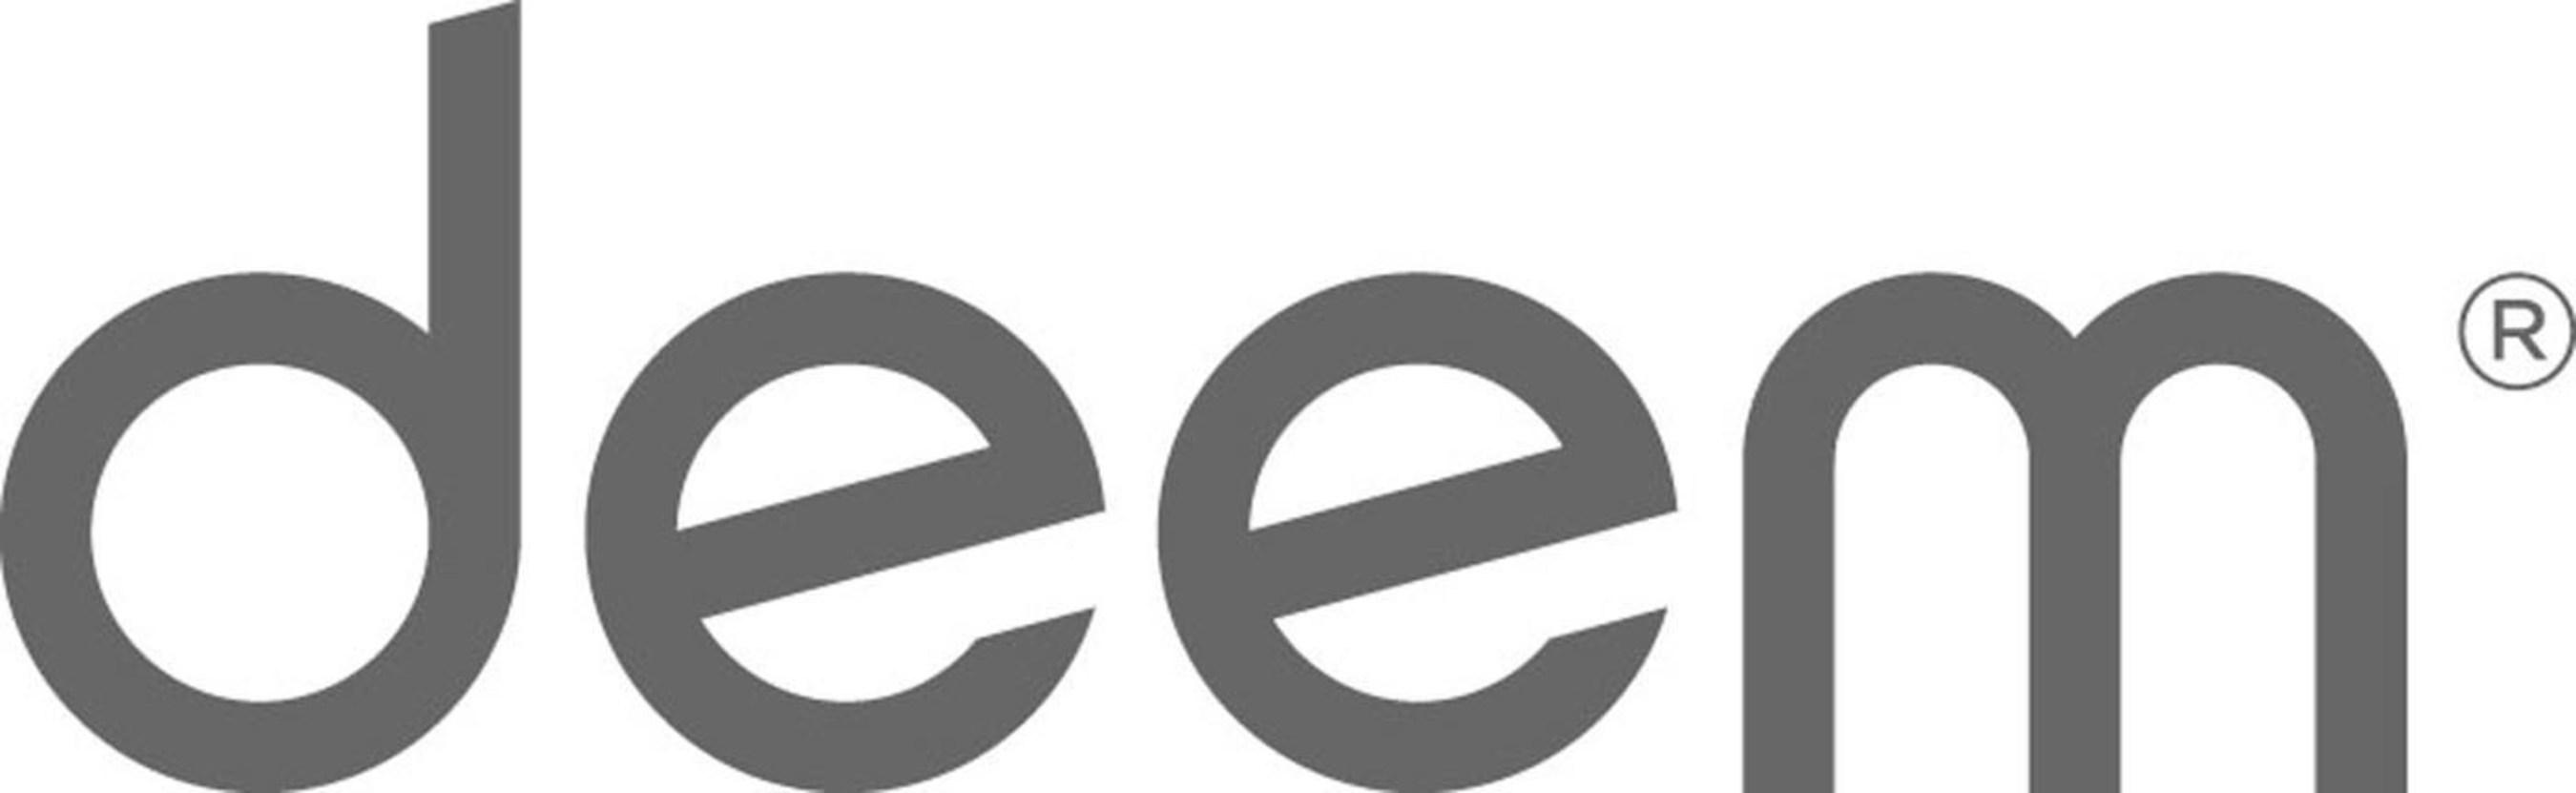 Deem, Inc.